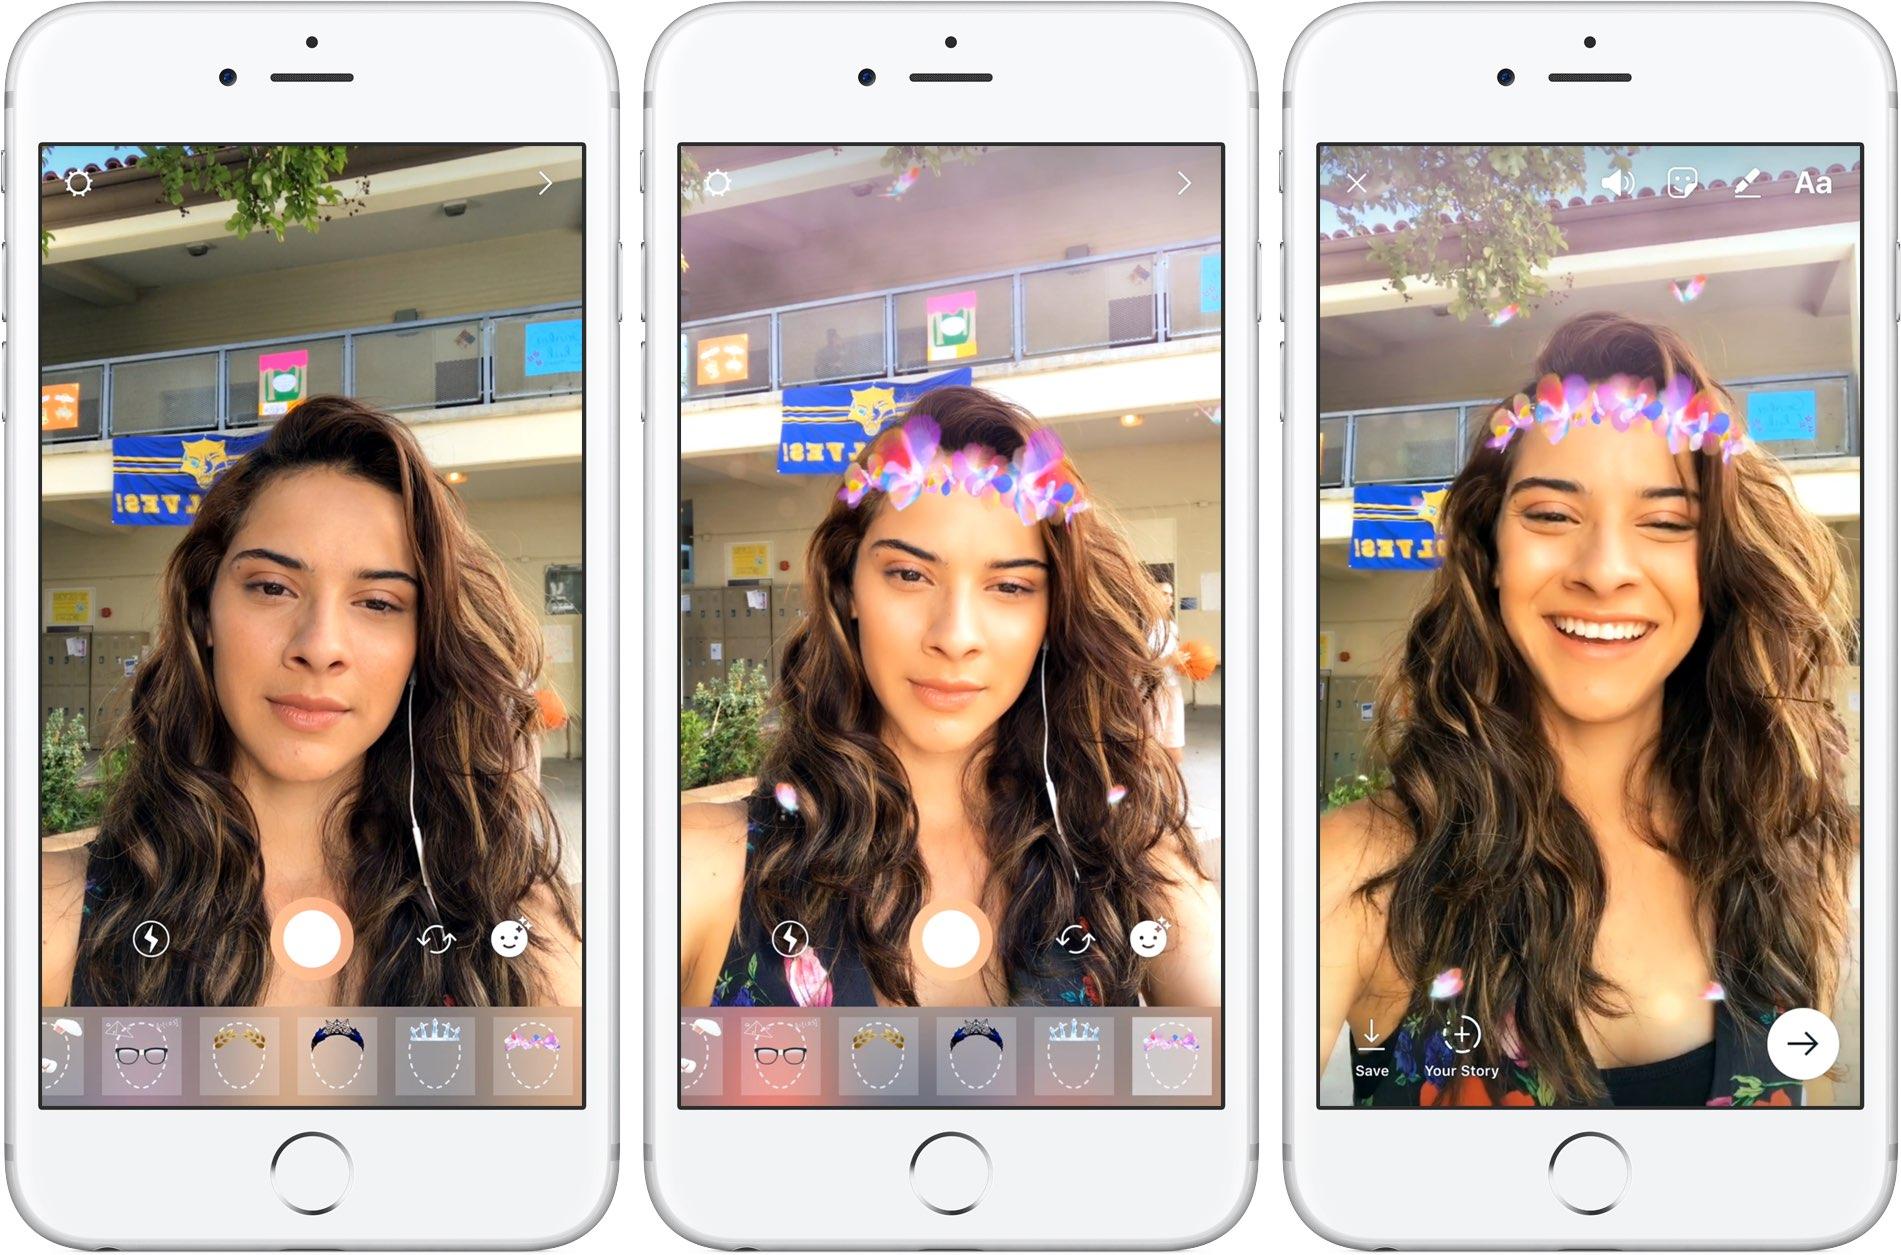 Программы айфон для фото чистое лицо этого